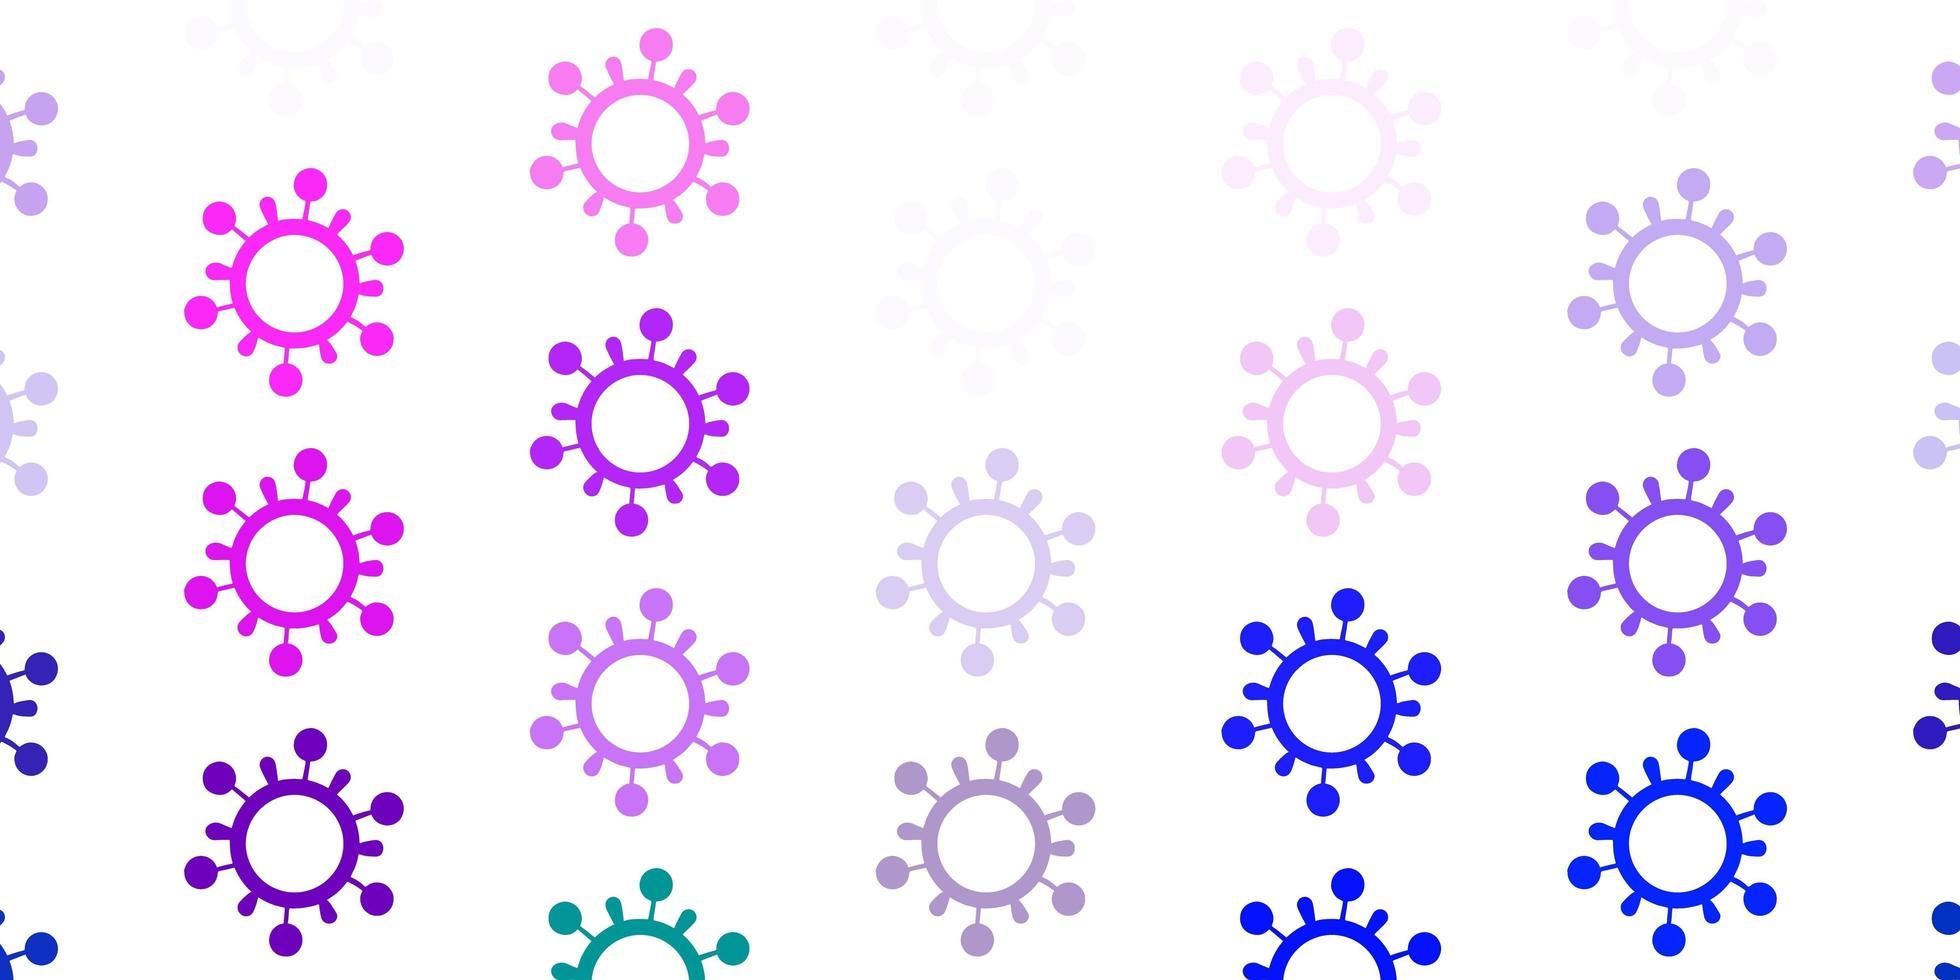 ljus flerfärgad vektor bakgrund med virussymboler.